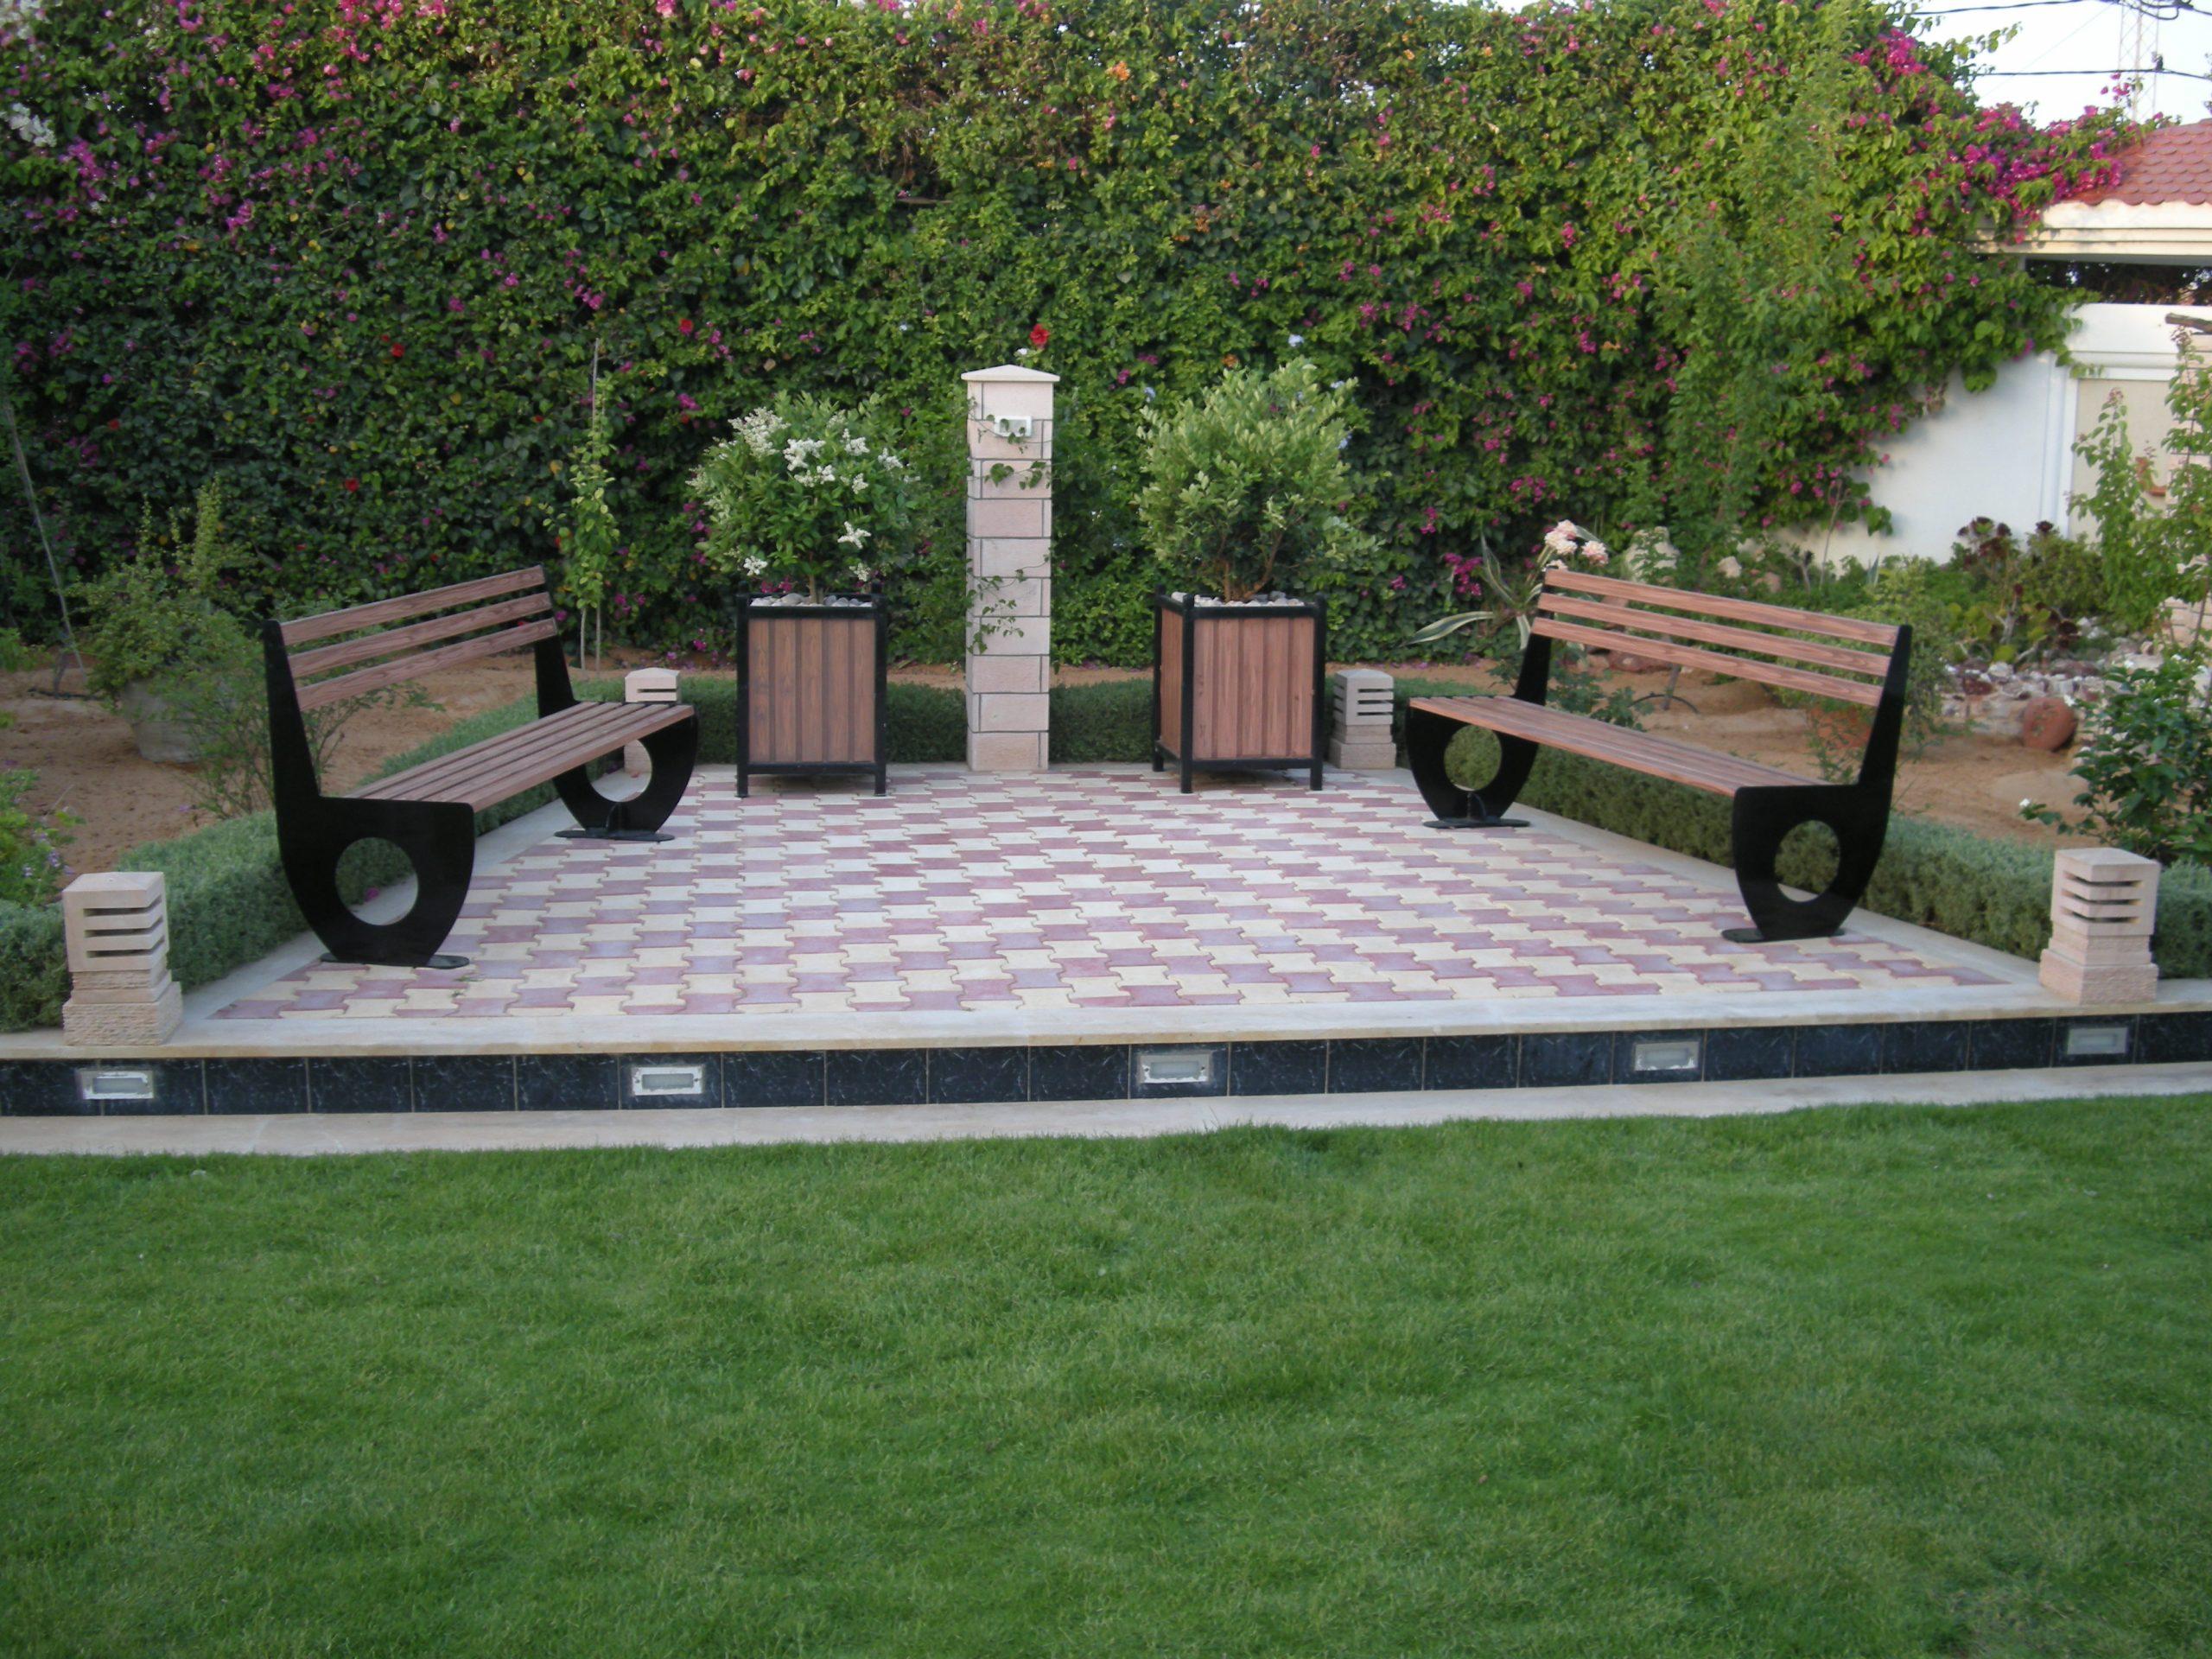 Escabeau Avec Porte Outil Tunisie, Patin Anti Vibration ... pour Escabeau Jardin